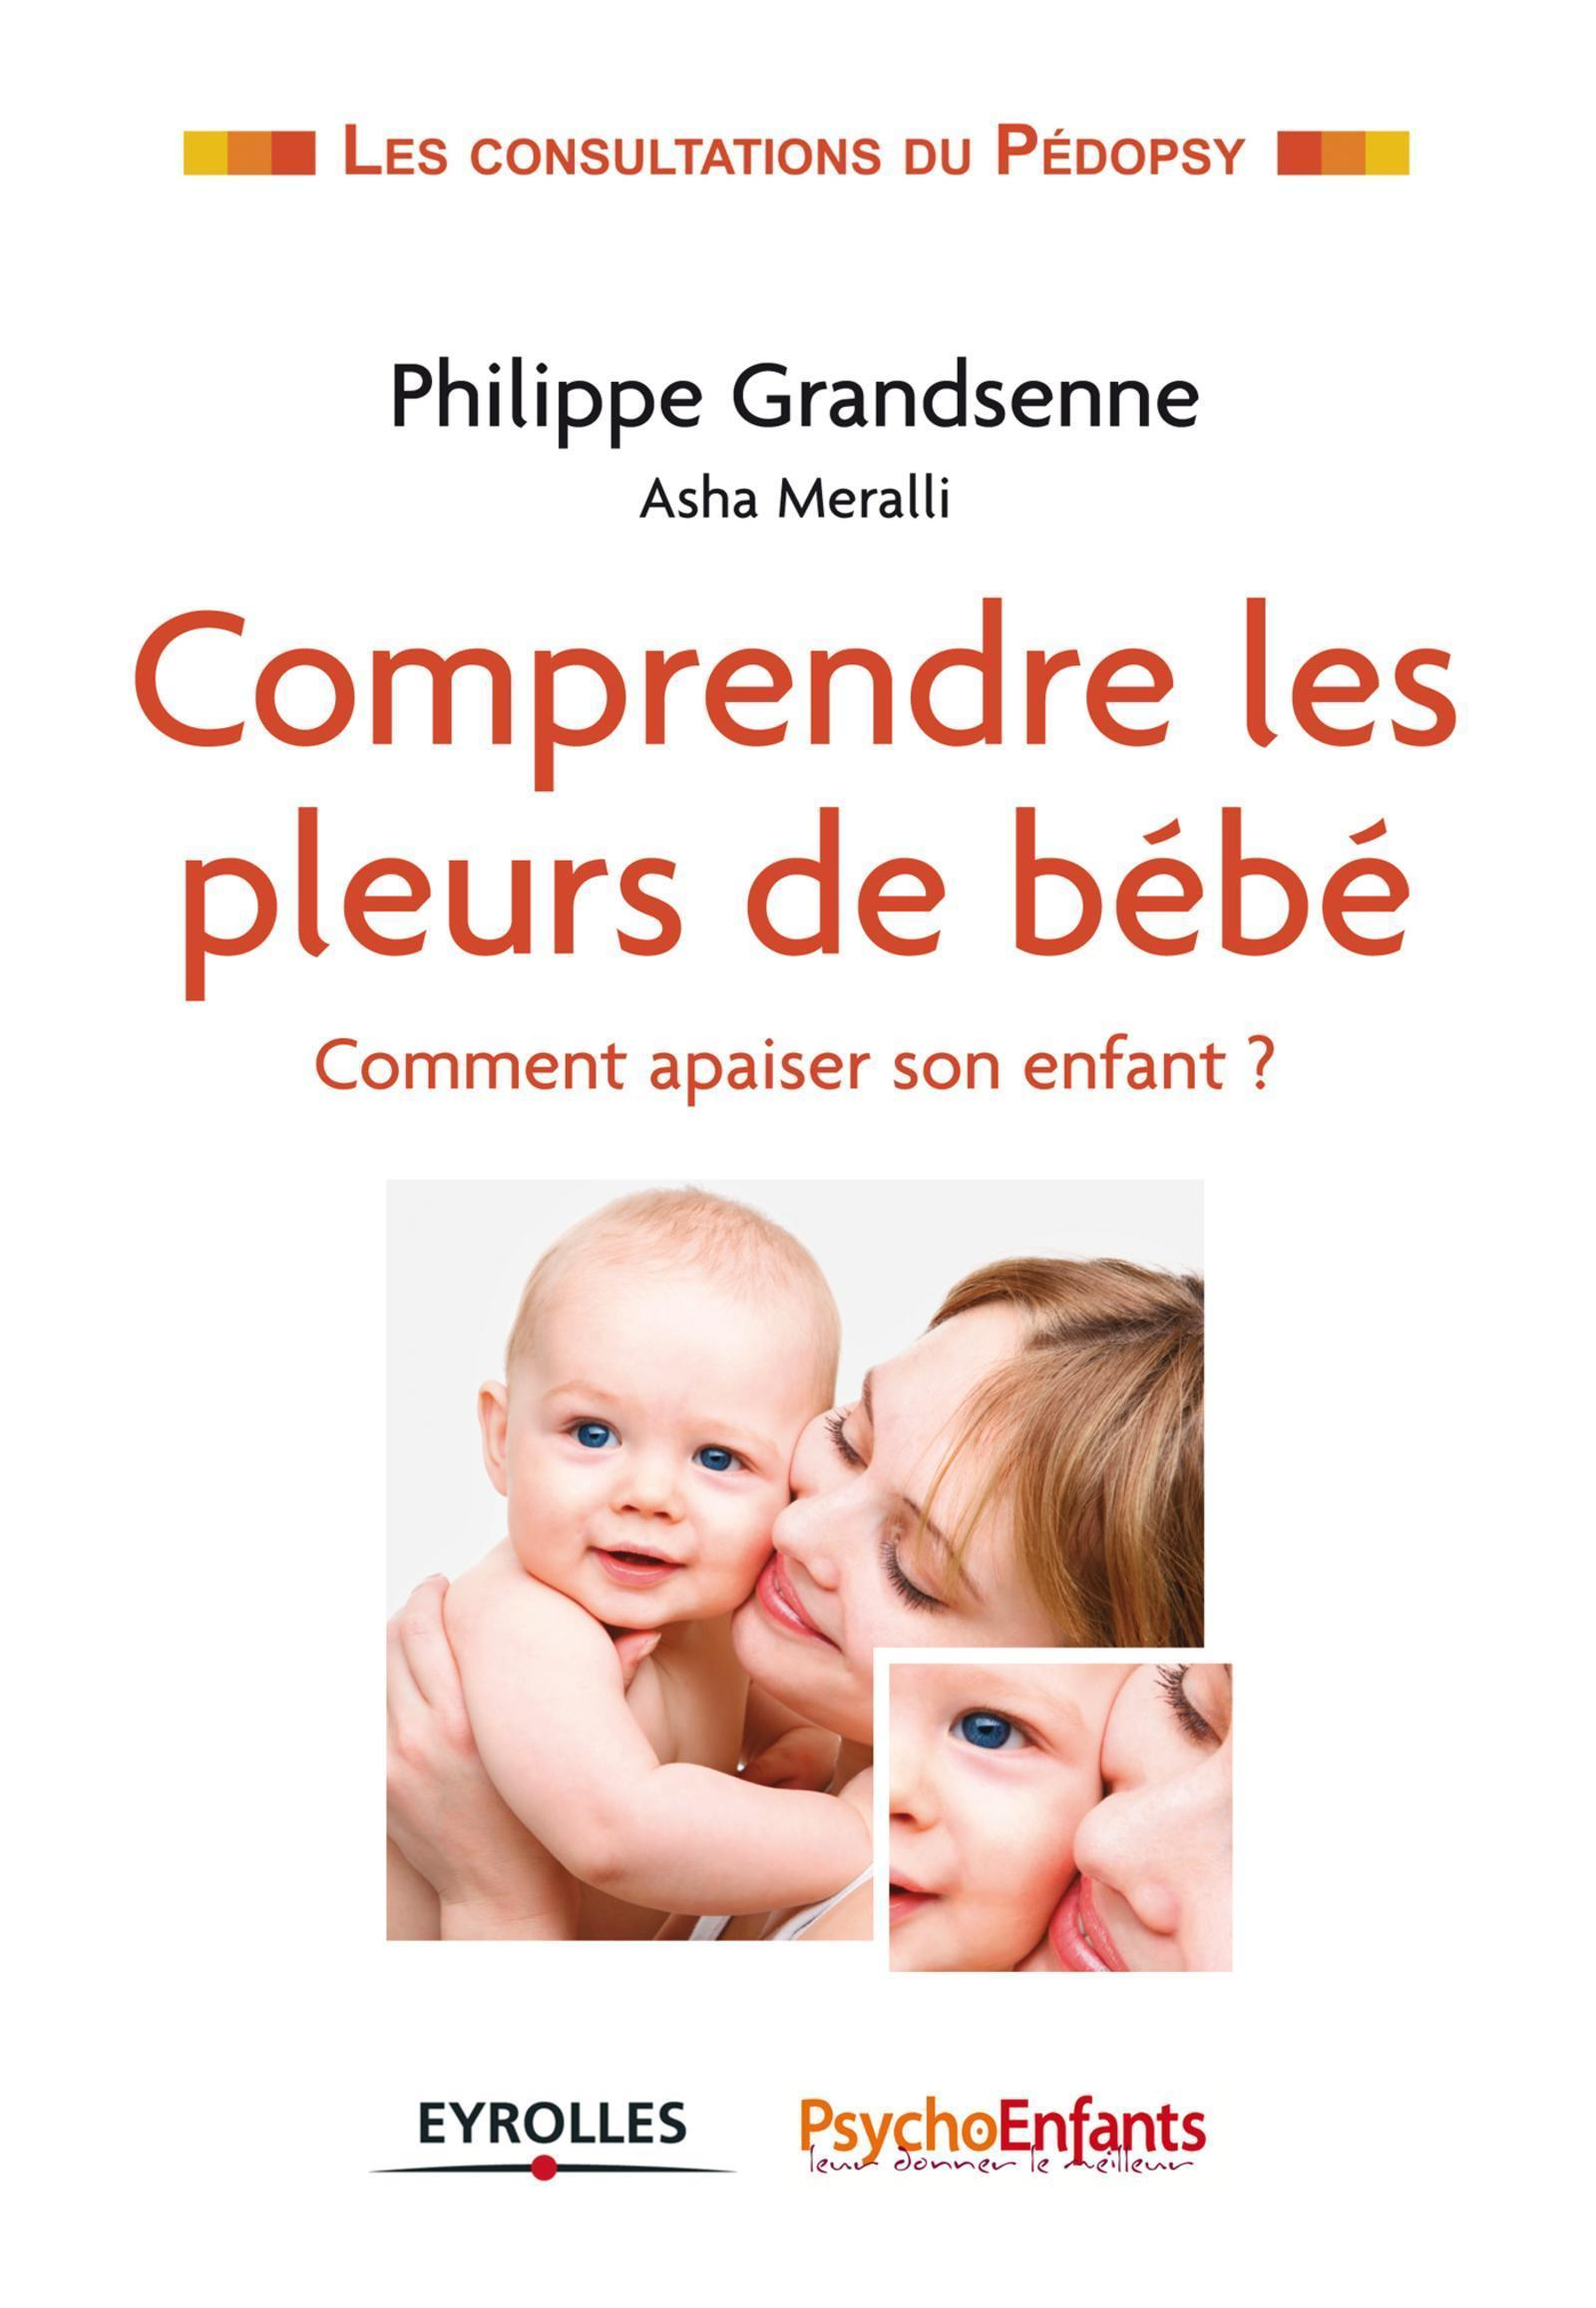 COMPRENDRE LES PLEURS DE BEBE - COMMENT APAISER SON ENFANT ?